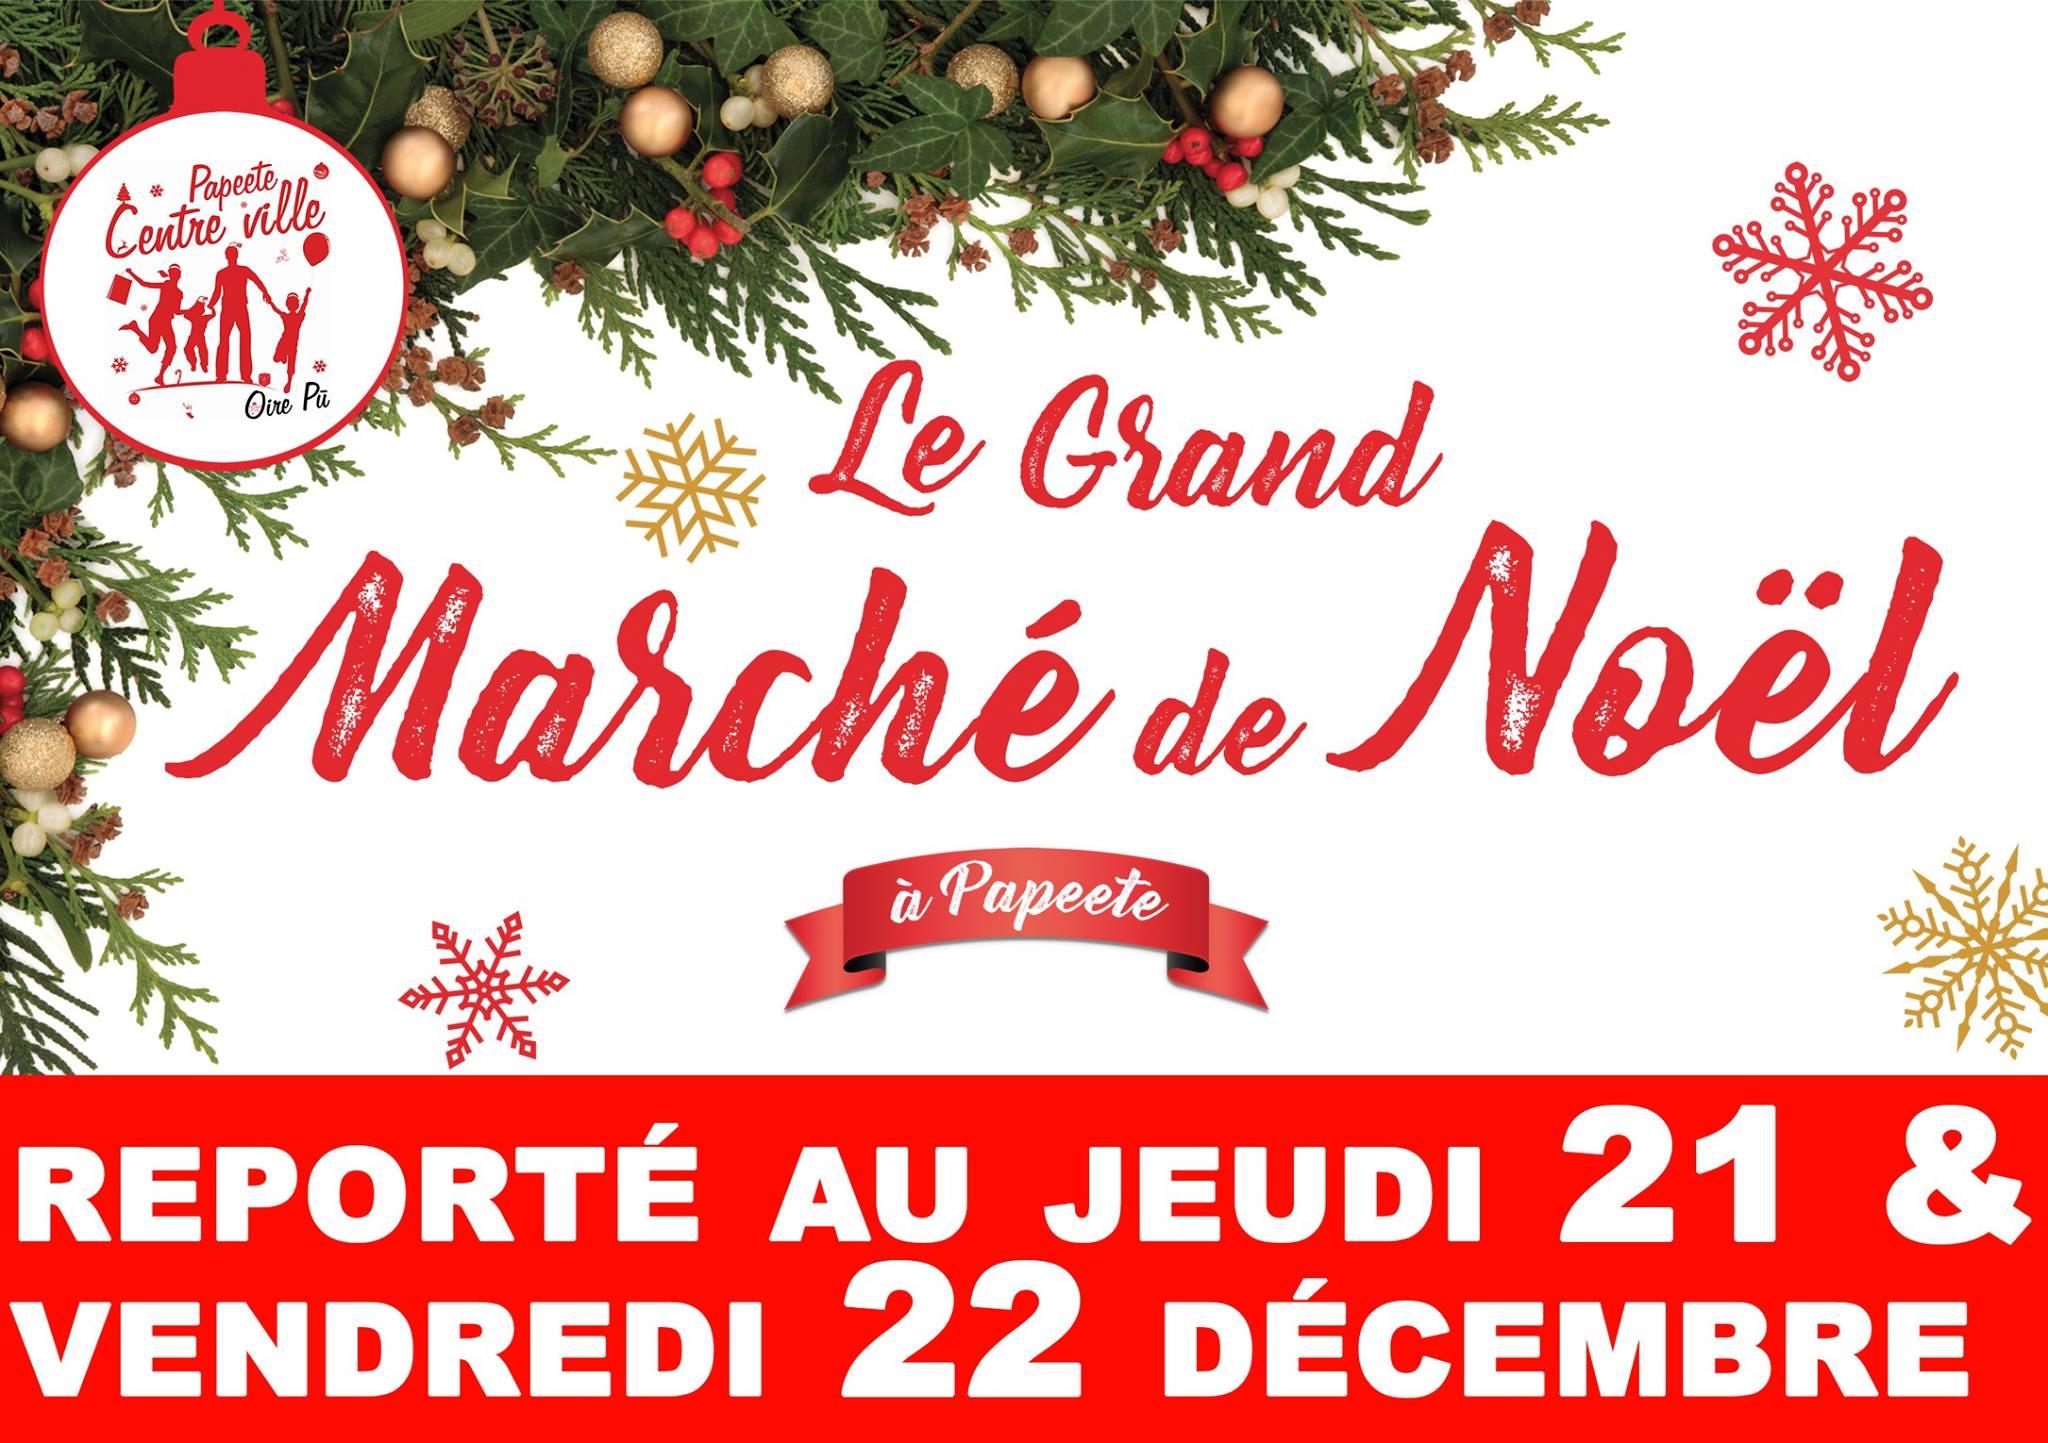 Marché de Noel de Papeete reporté